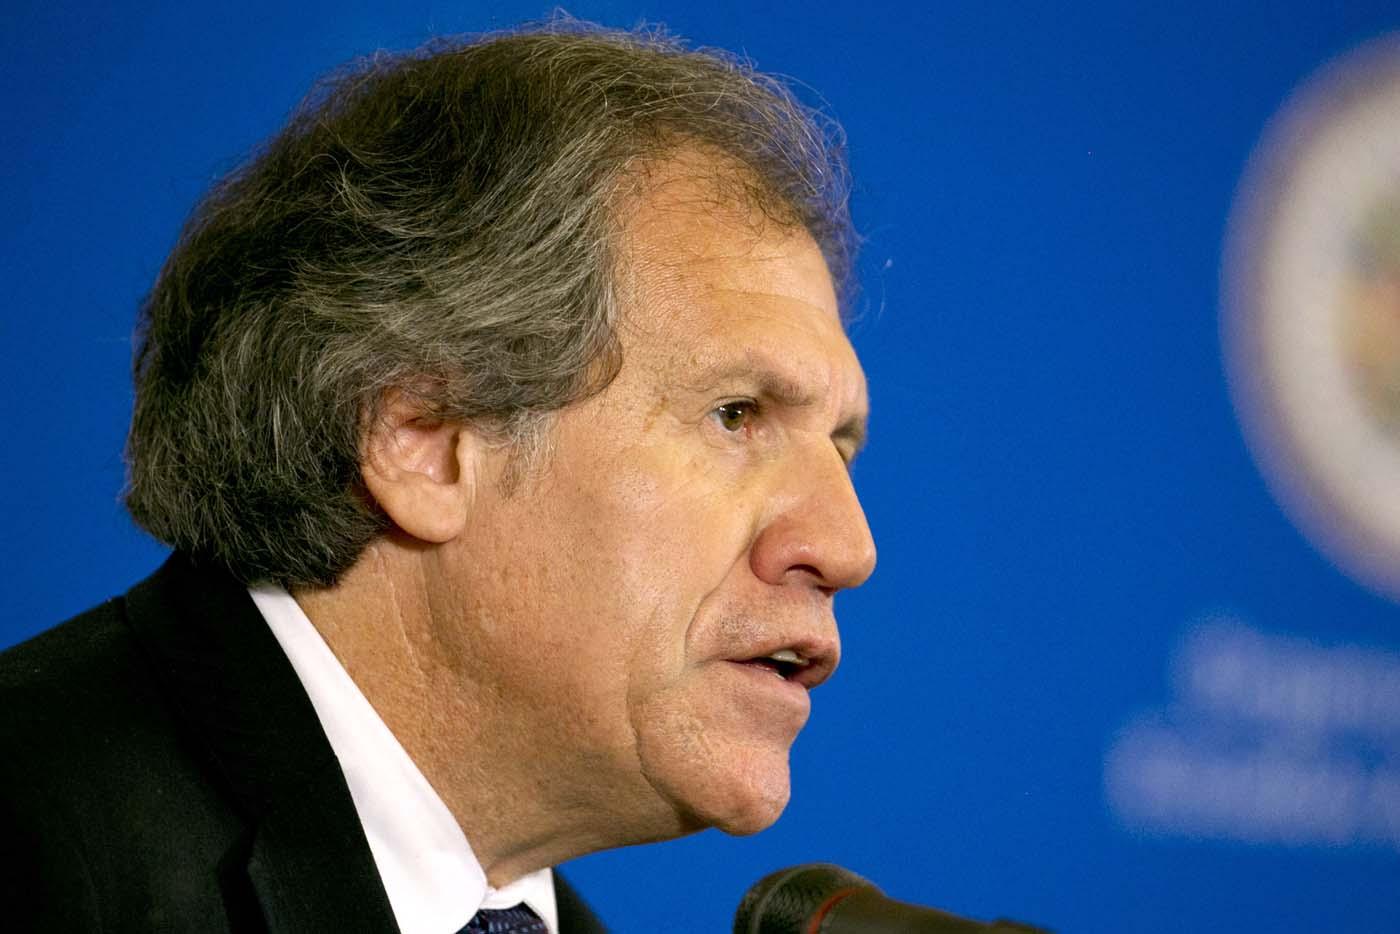 El secretario general de la Organización de los Estados Americanos, Luis Almagro (AP Foto/Jacquelyn Martin, archivo)